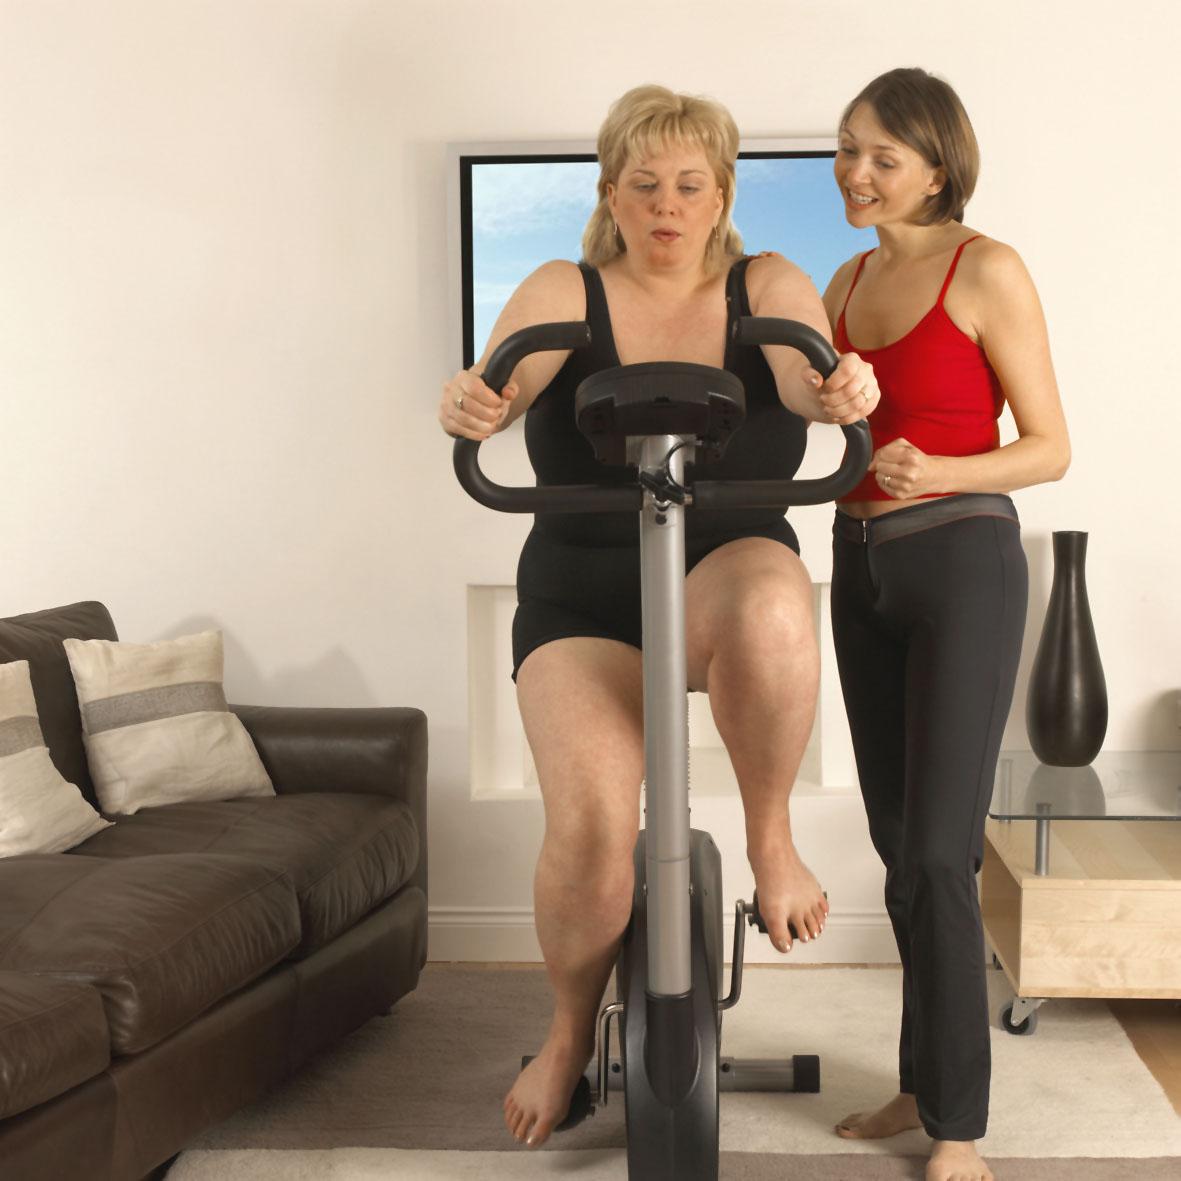 lo trinh giam can bang may tap xe dap tai nha - Lộ trình giảm cân bằng máy tập xe đạp tại nhà